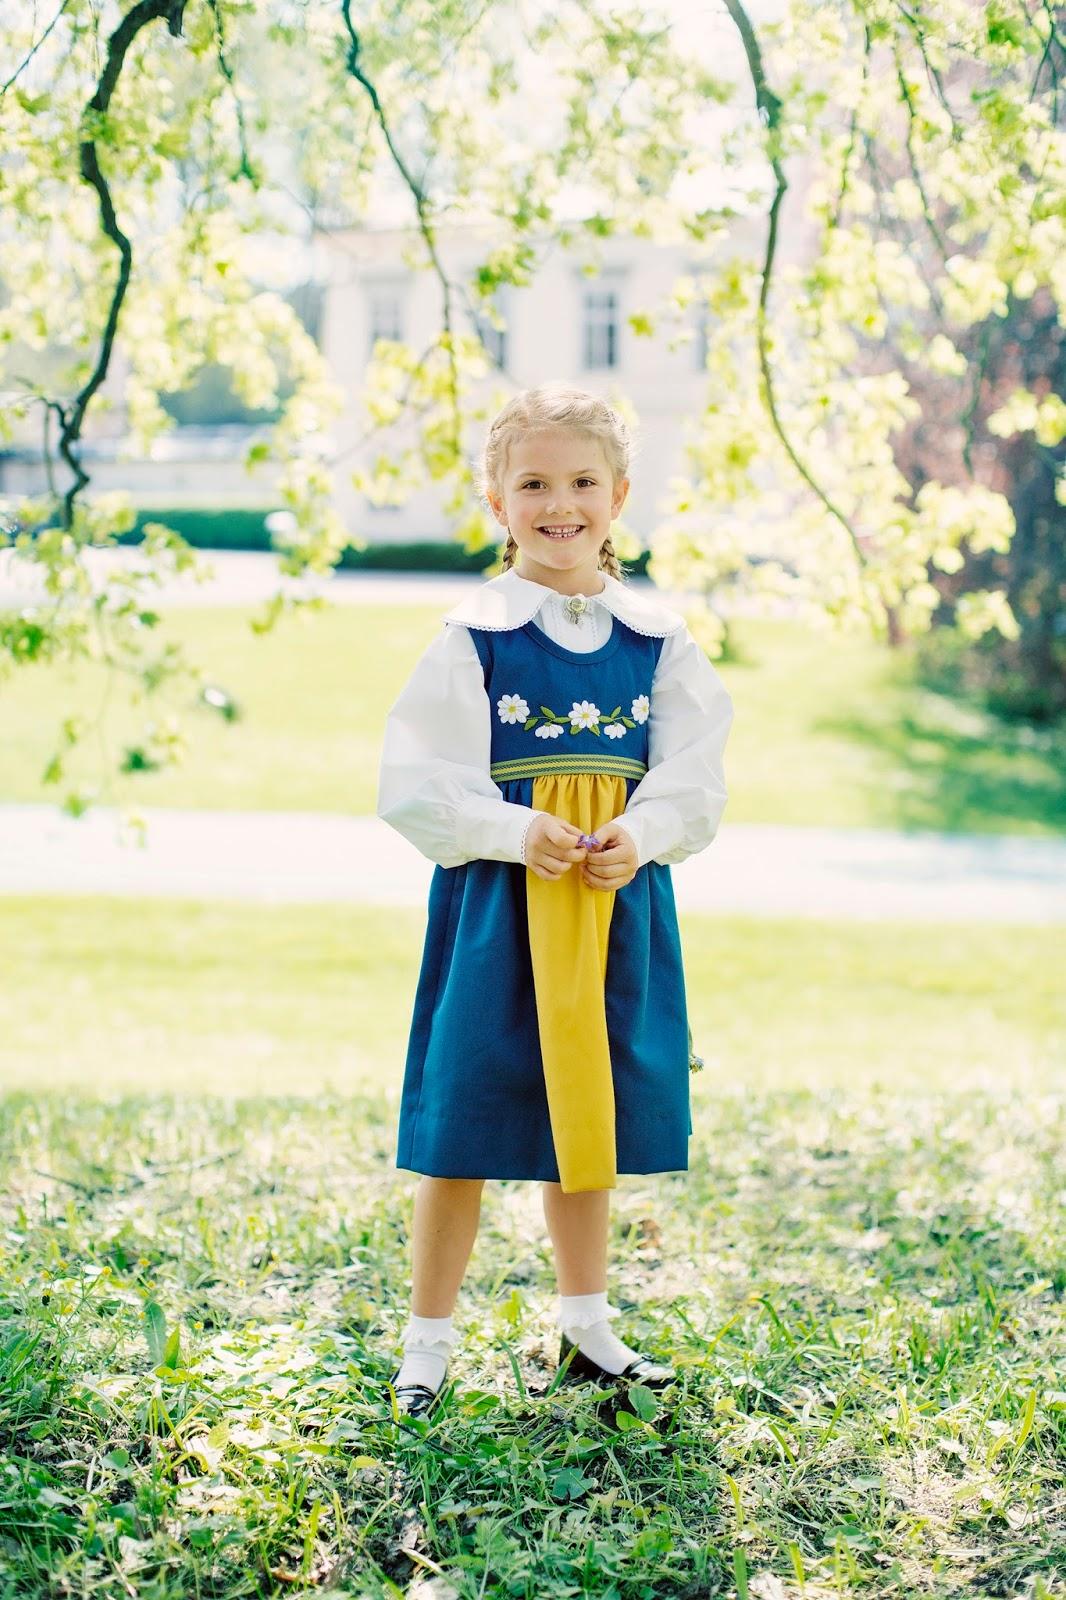 Tiểu công chúa Estelle mặc đầm truyền thống Thụy Điển